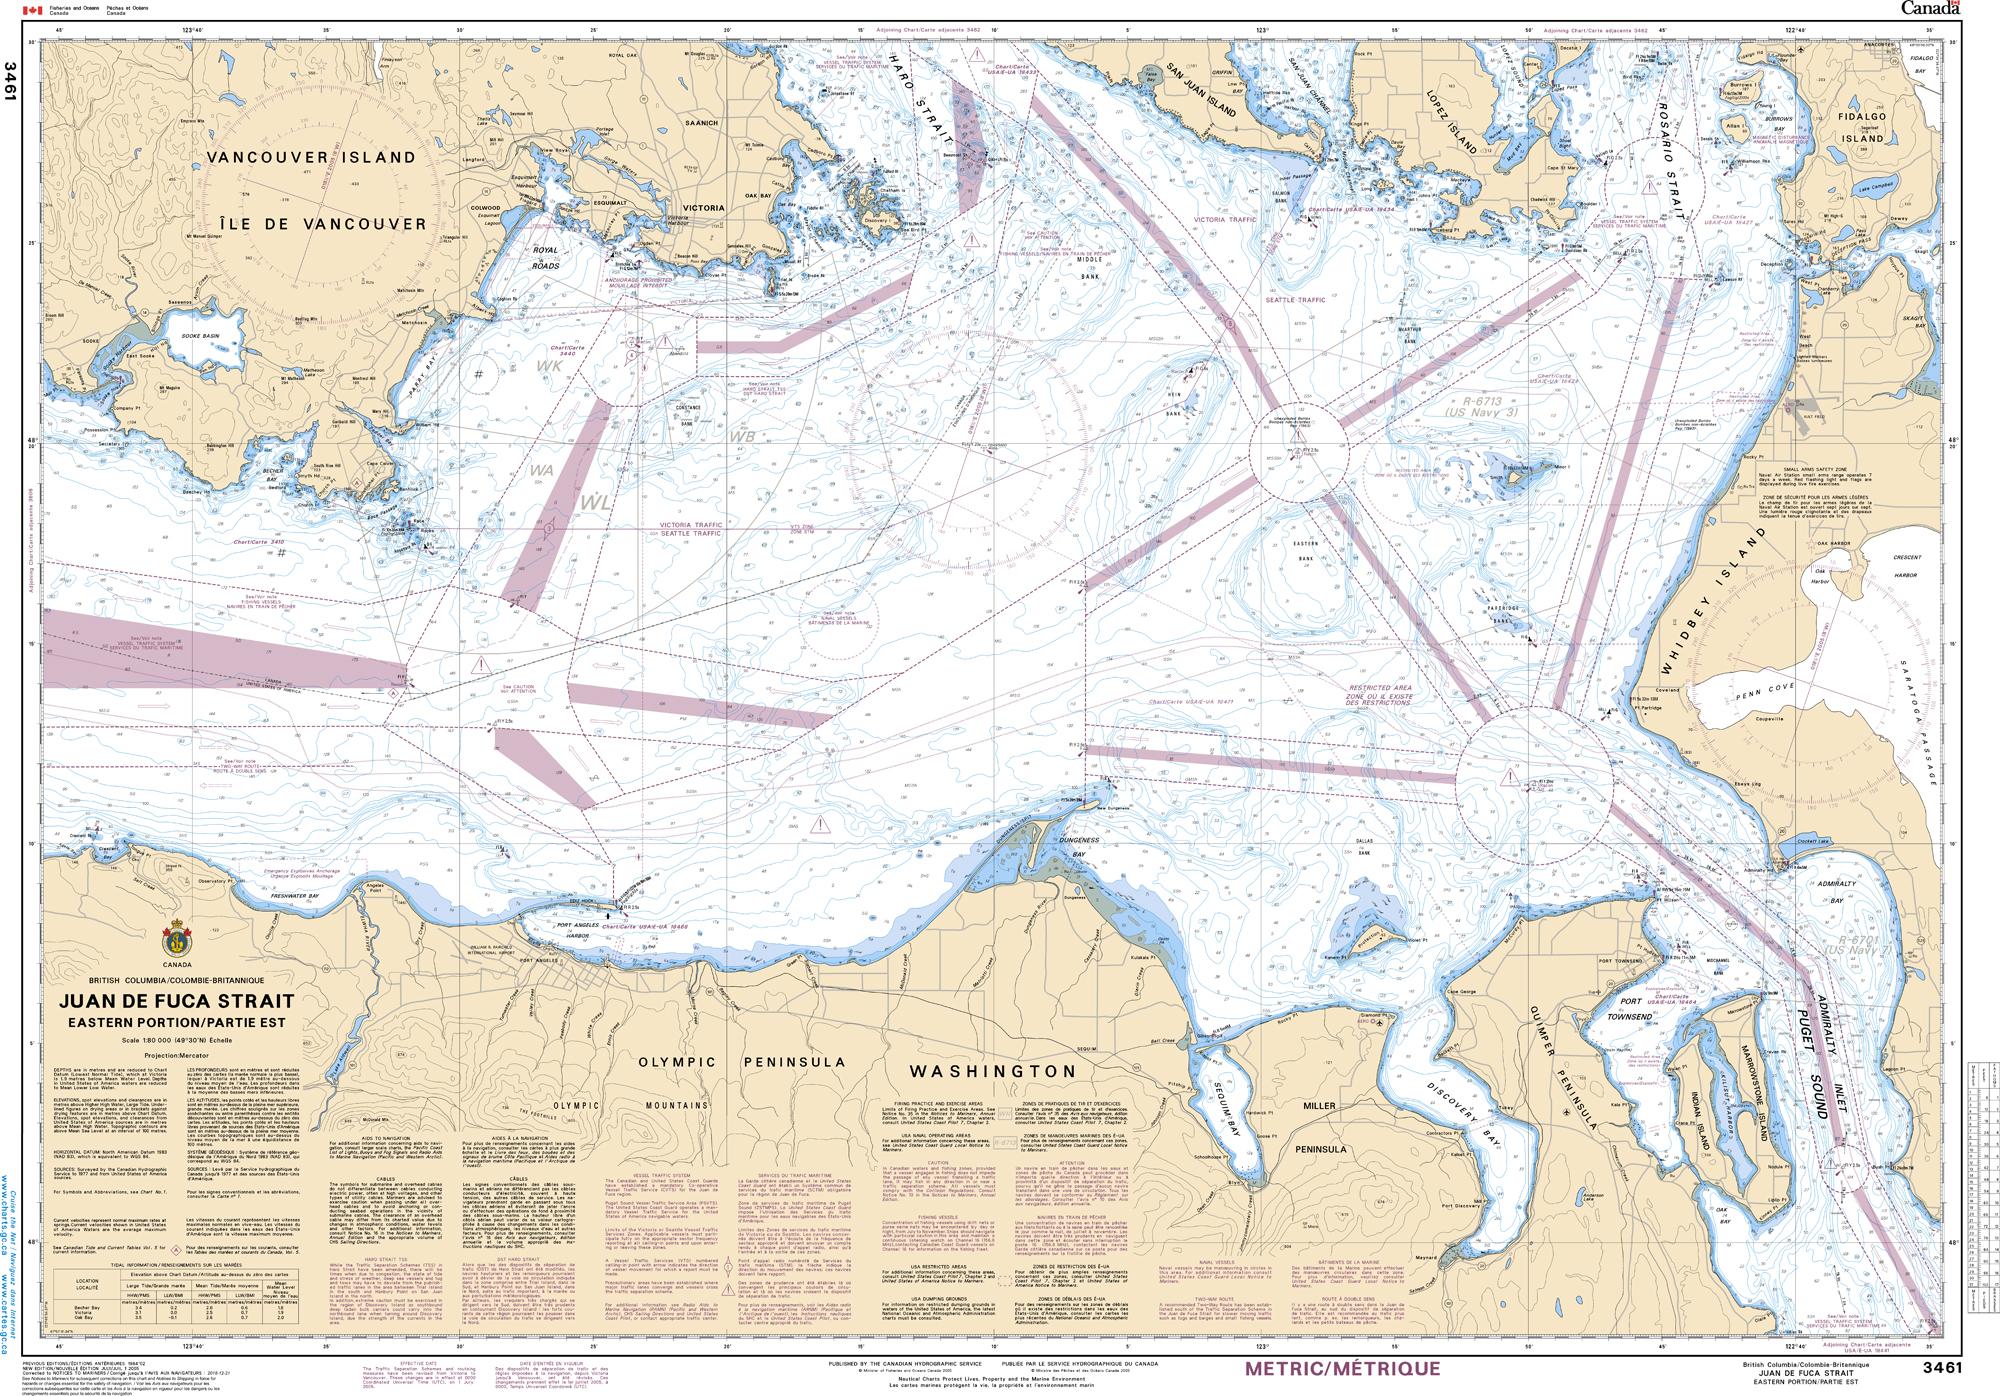 Pacific Region, CHS Chart 3461: Juan de Fuca Strait, Eastern Portion/Partie Est